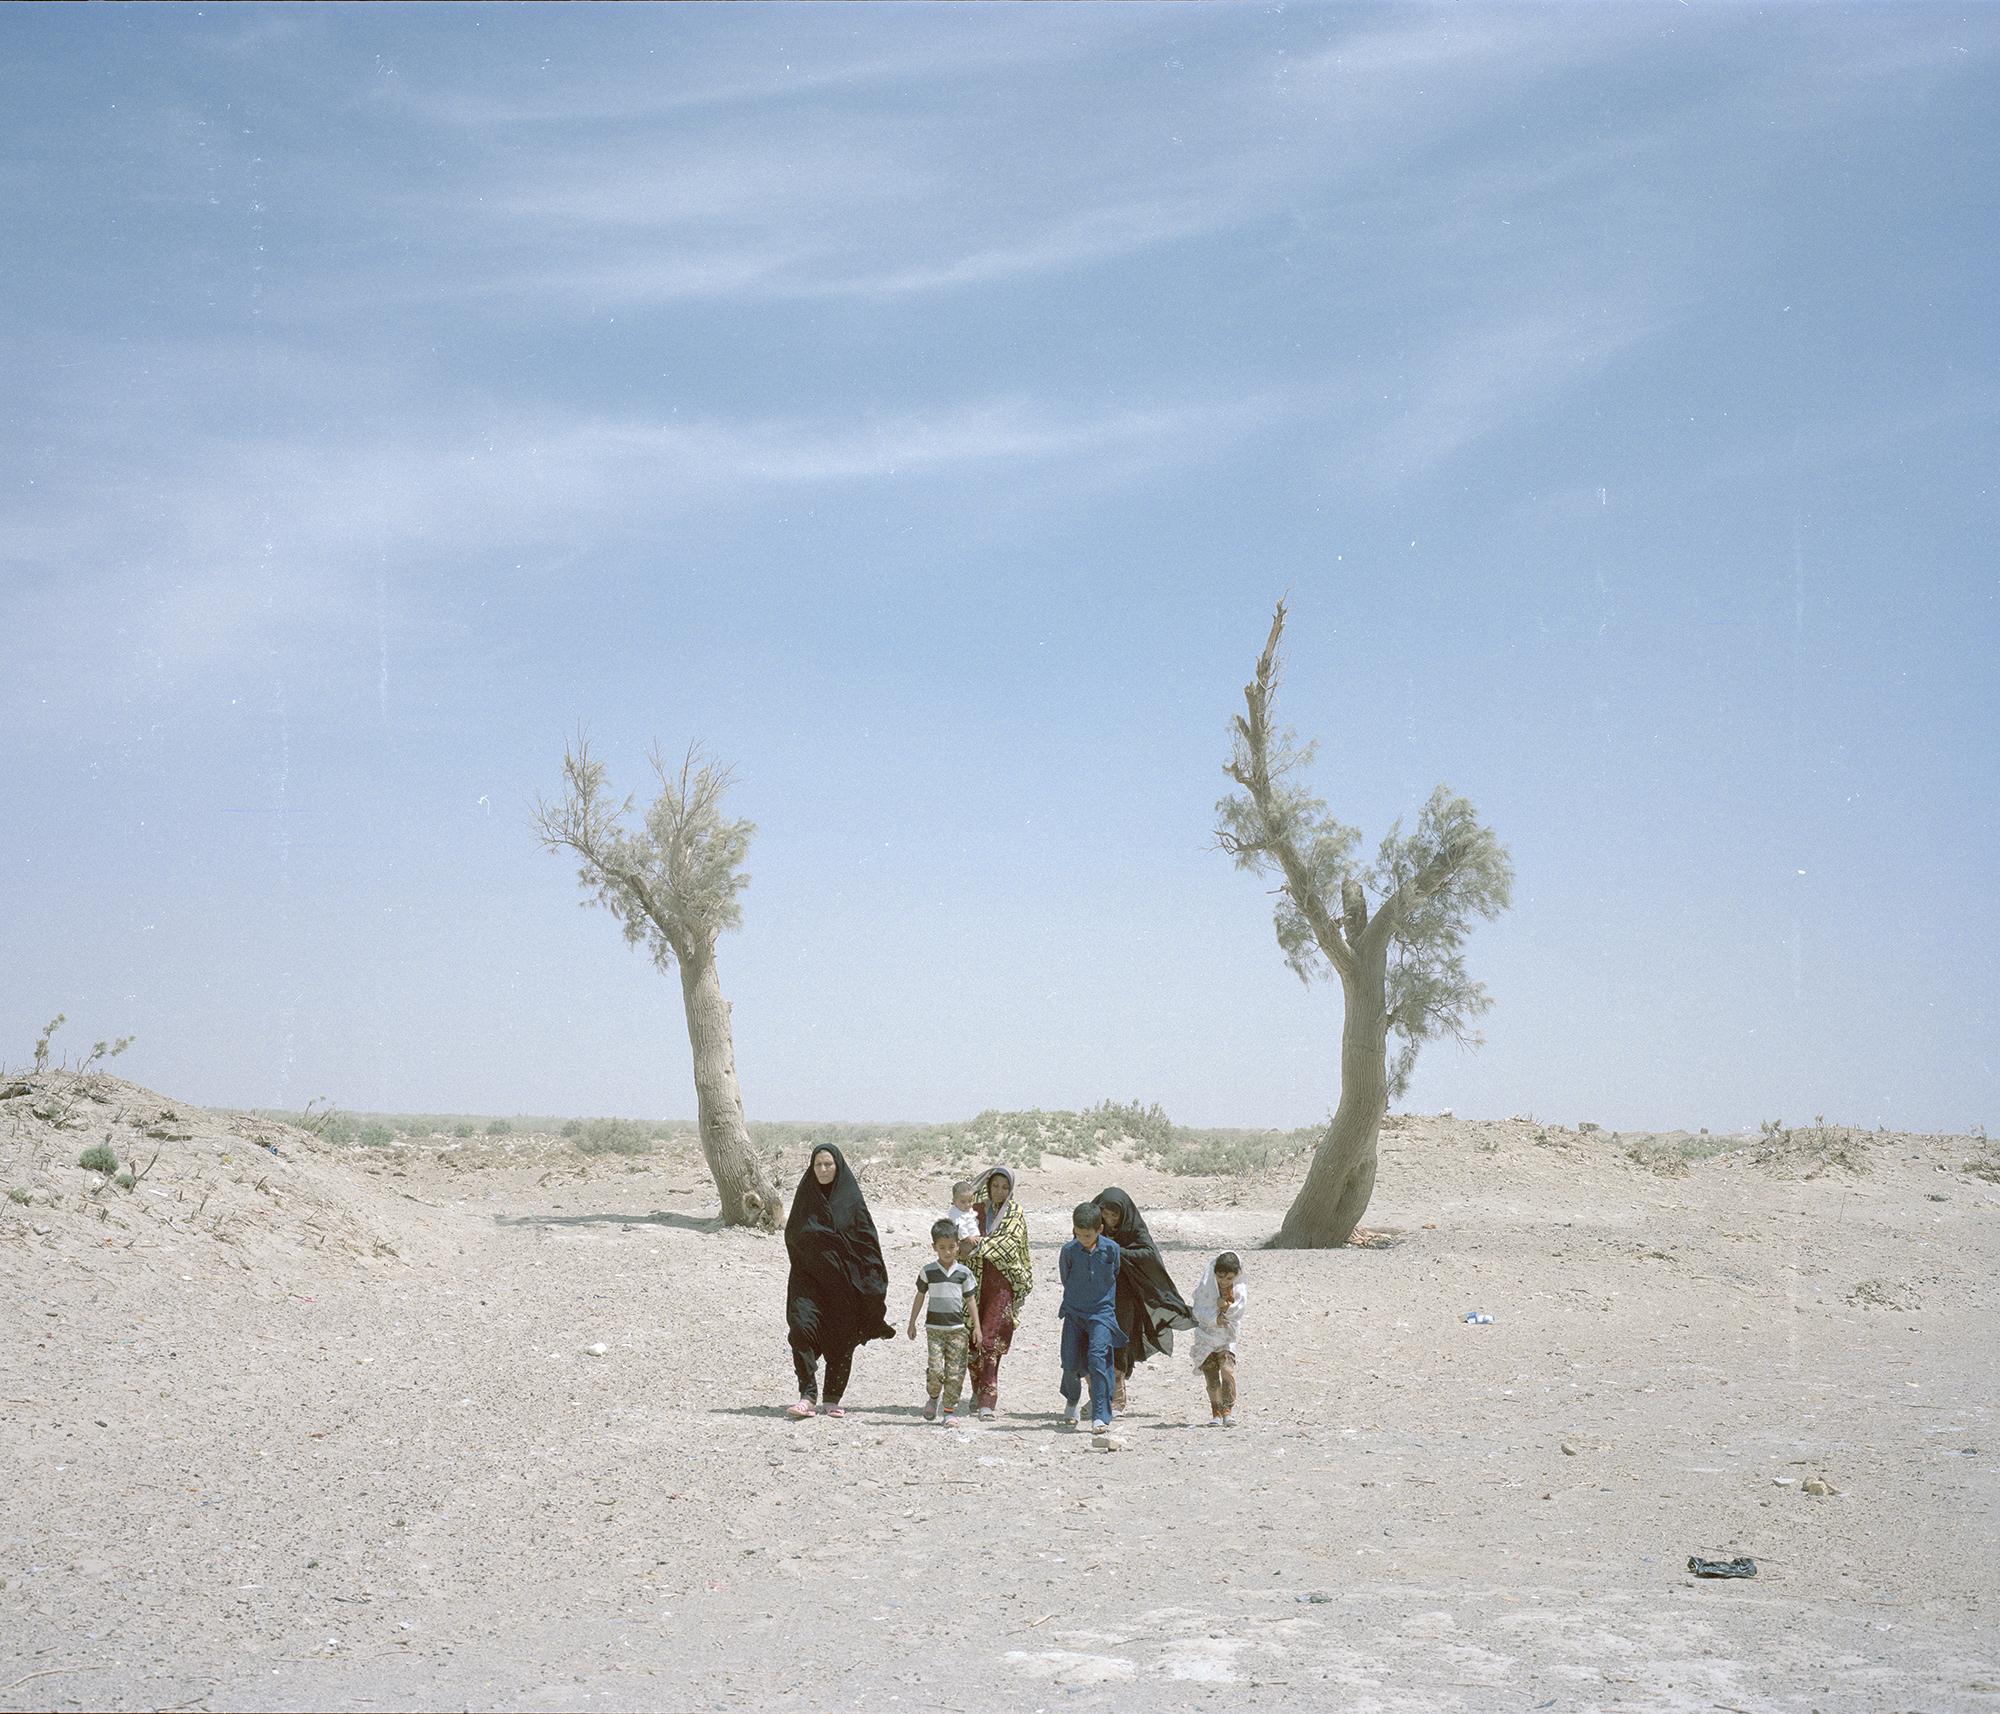 HASHEM SHAKERI (Iran)